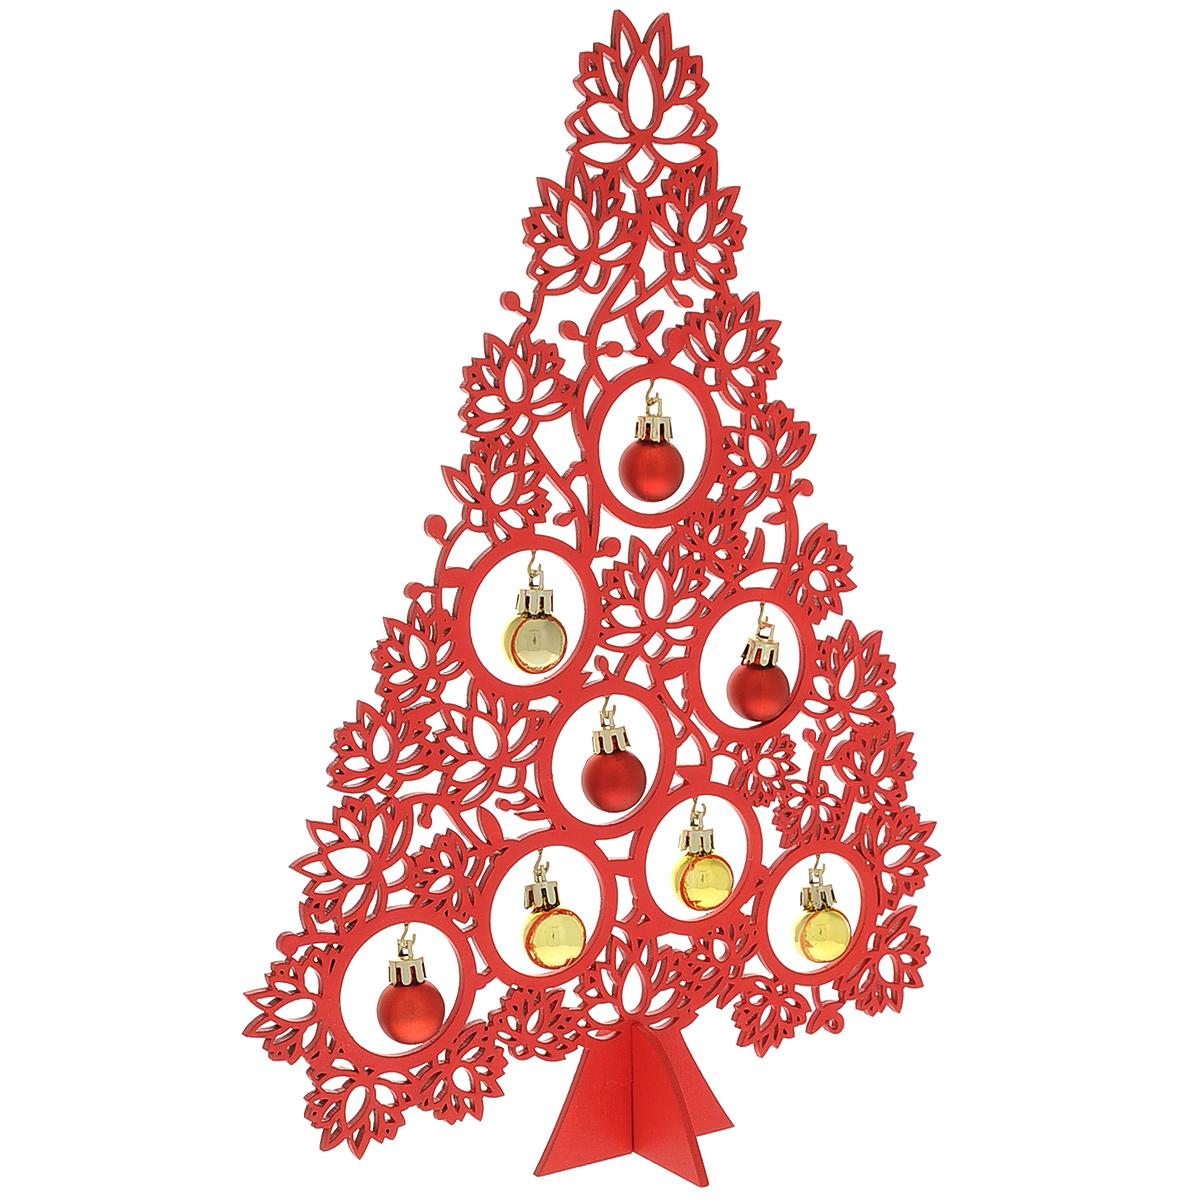 Украшение новогоднее Magic Time Ель с игрушками, цвет: красный, высота 34 см35284Украшение новогоднее Magic Time Ель с игрушками гармонично впишется в праздничный интерьер вашего дома или офиса. Изделие, состоящее из ели на подставке и 8 игрушек, выполнено из качественного дерева.Новогодние украшения всегда несут в себе волшебство и красоту праздника. Создайте атмосферу тепла, веселья и радости.